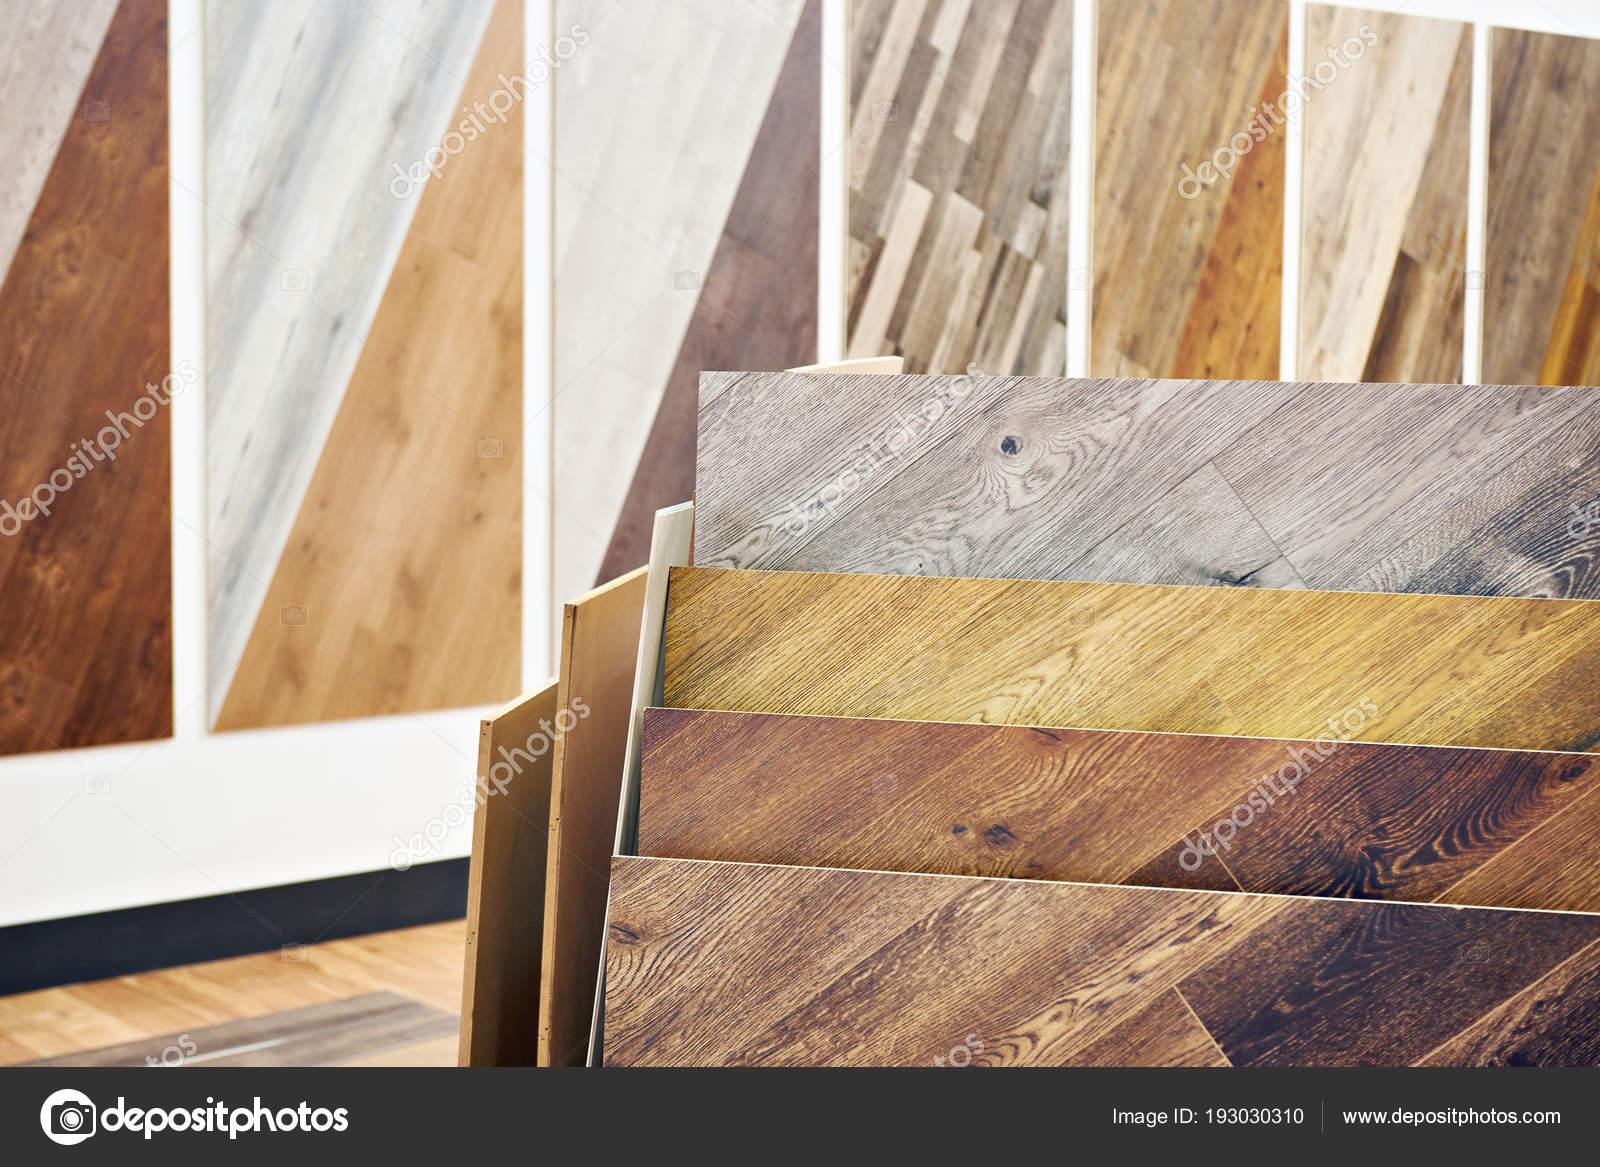 Decorazioni In Legno Per Pareti : Pannelli decorativi in legno nell archivio u foto stock ryzhov